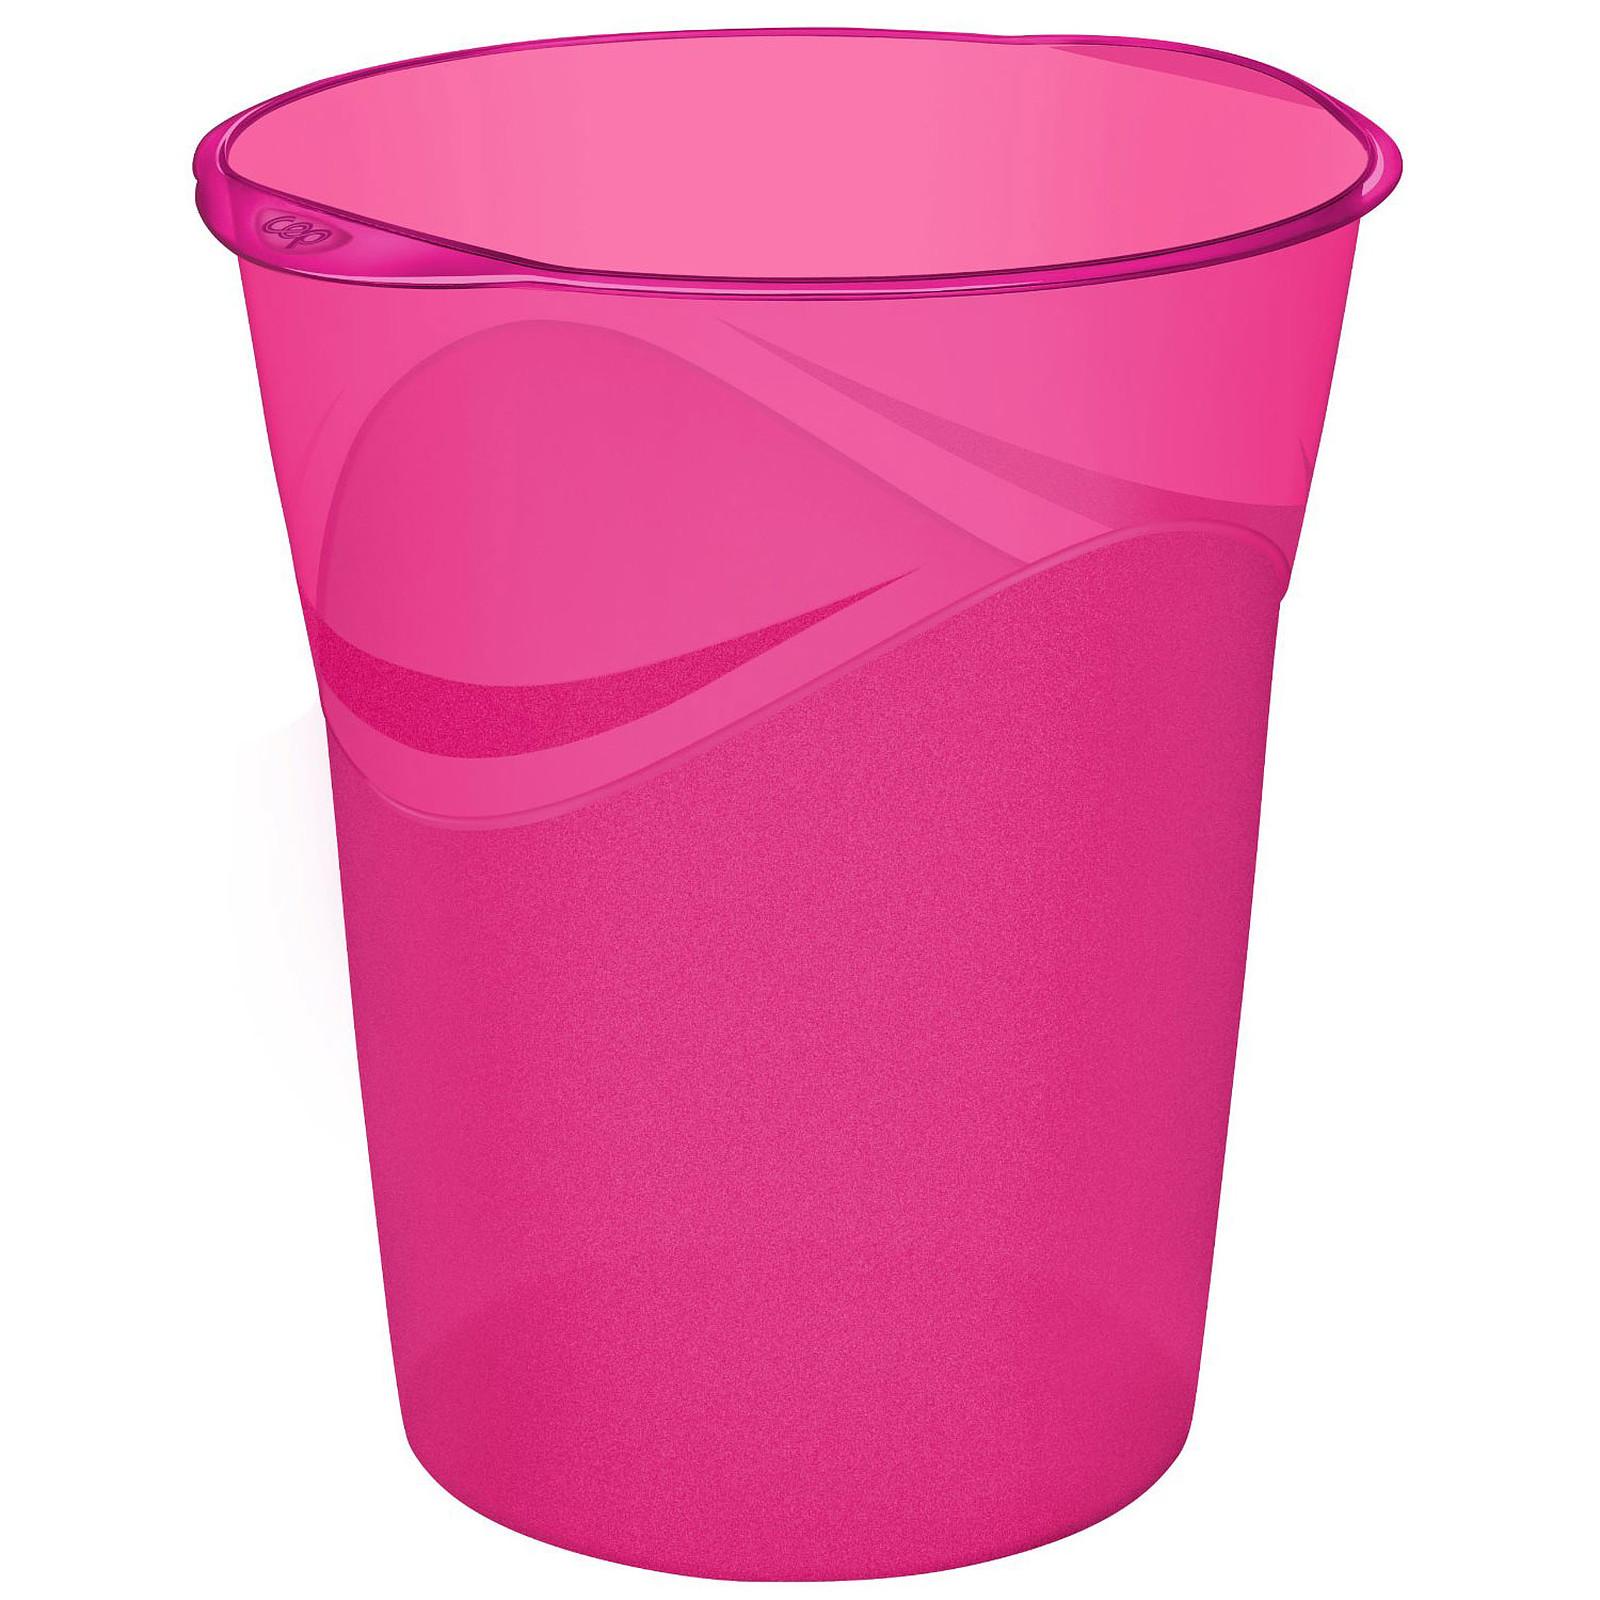 CEP Happy Corbeille à papier Rose 14 litres